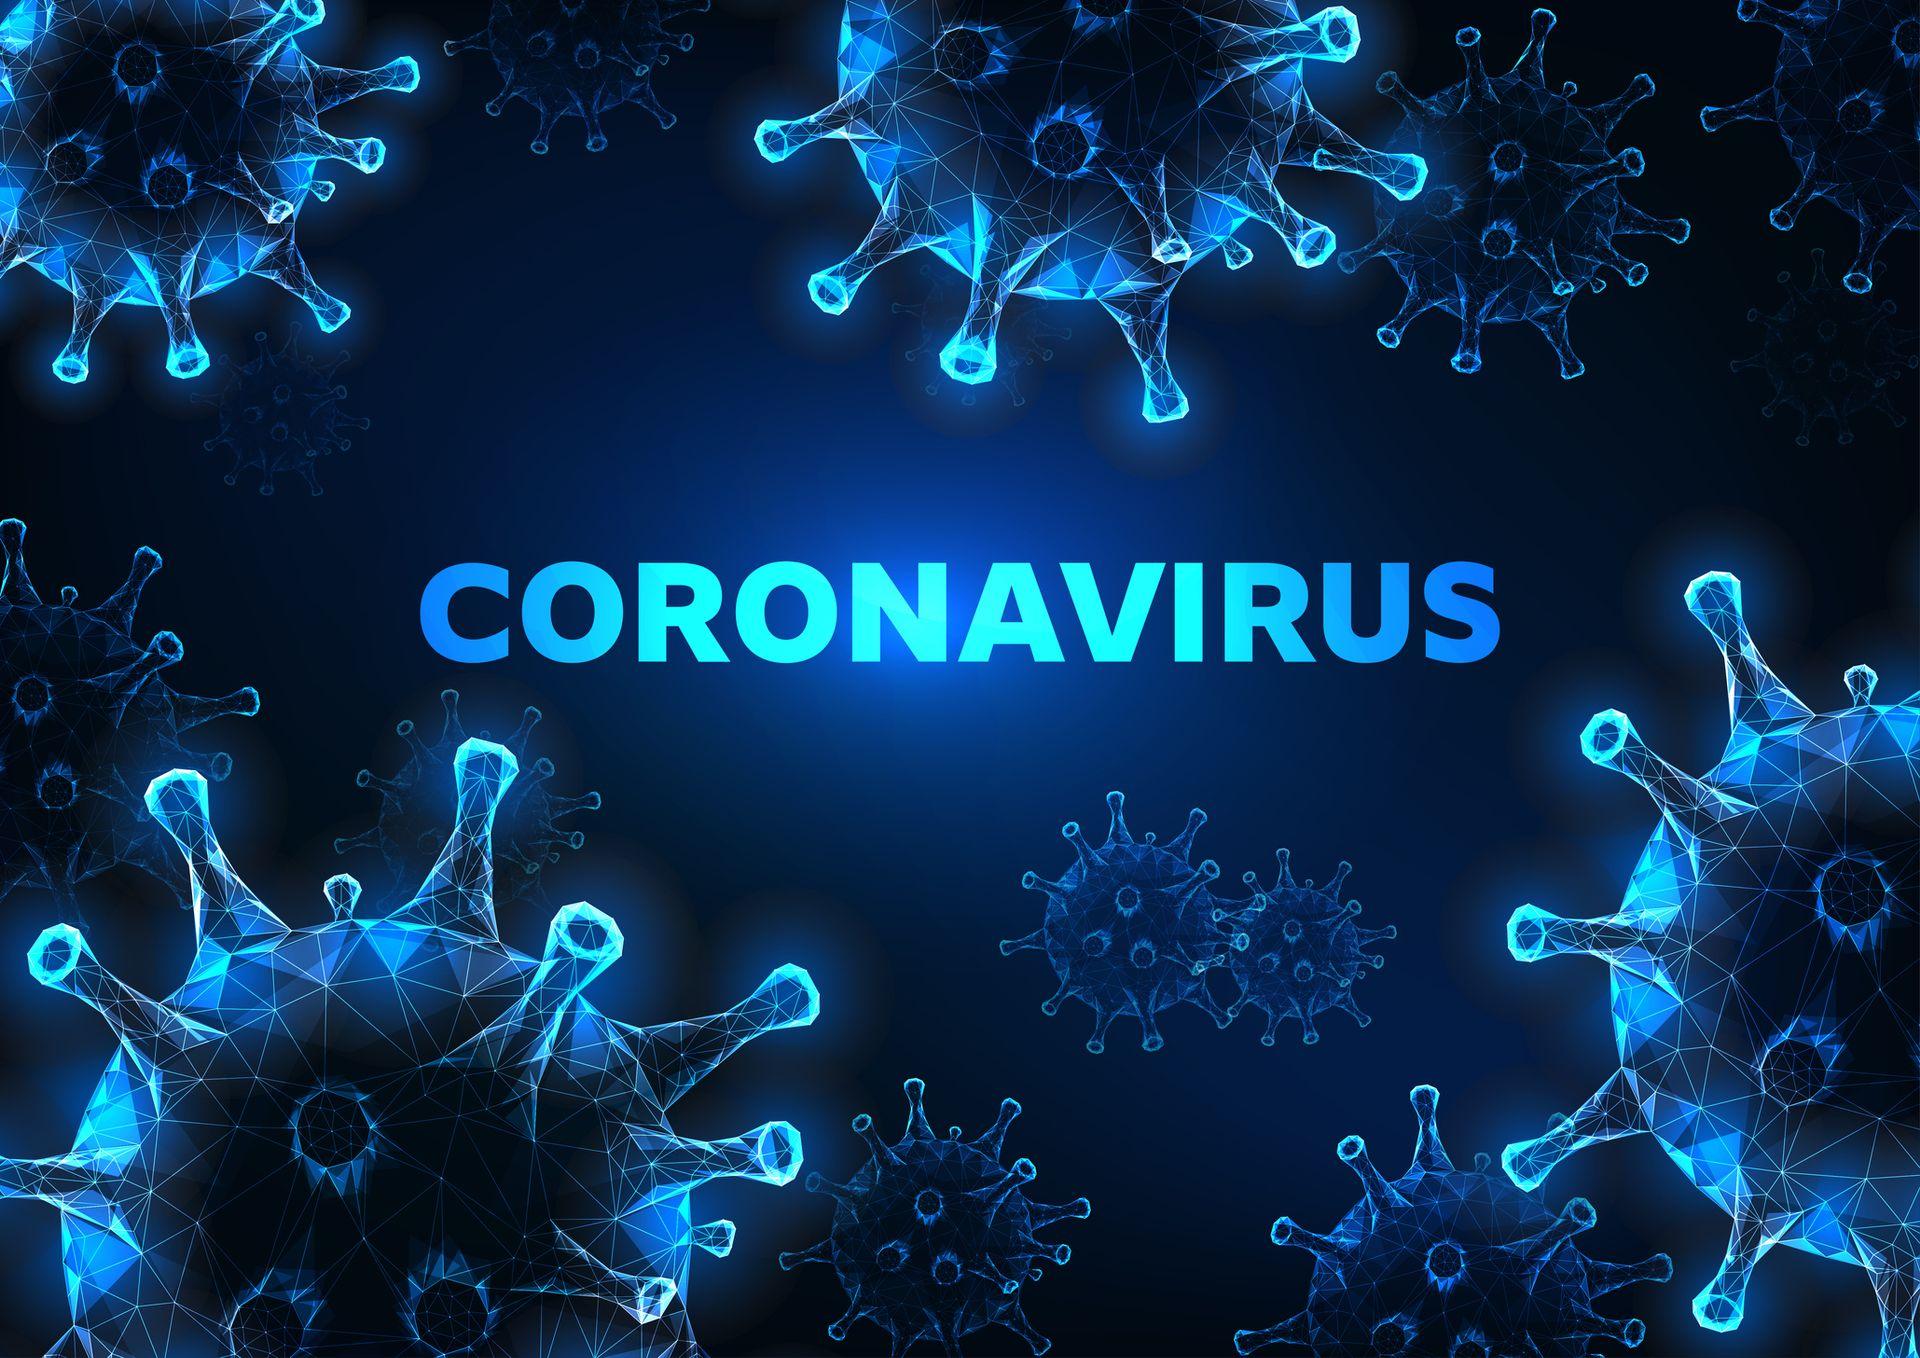 corona virus du 25/03/20